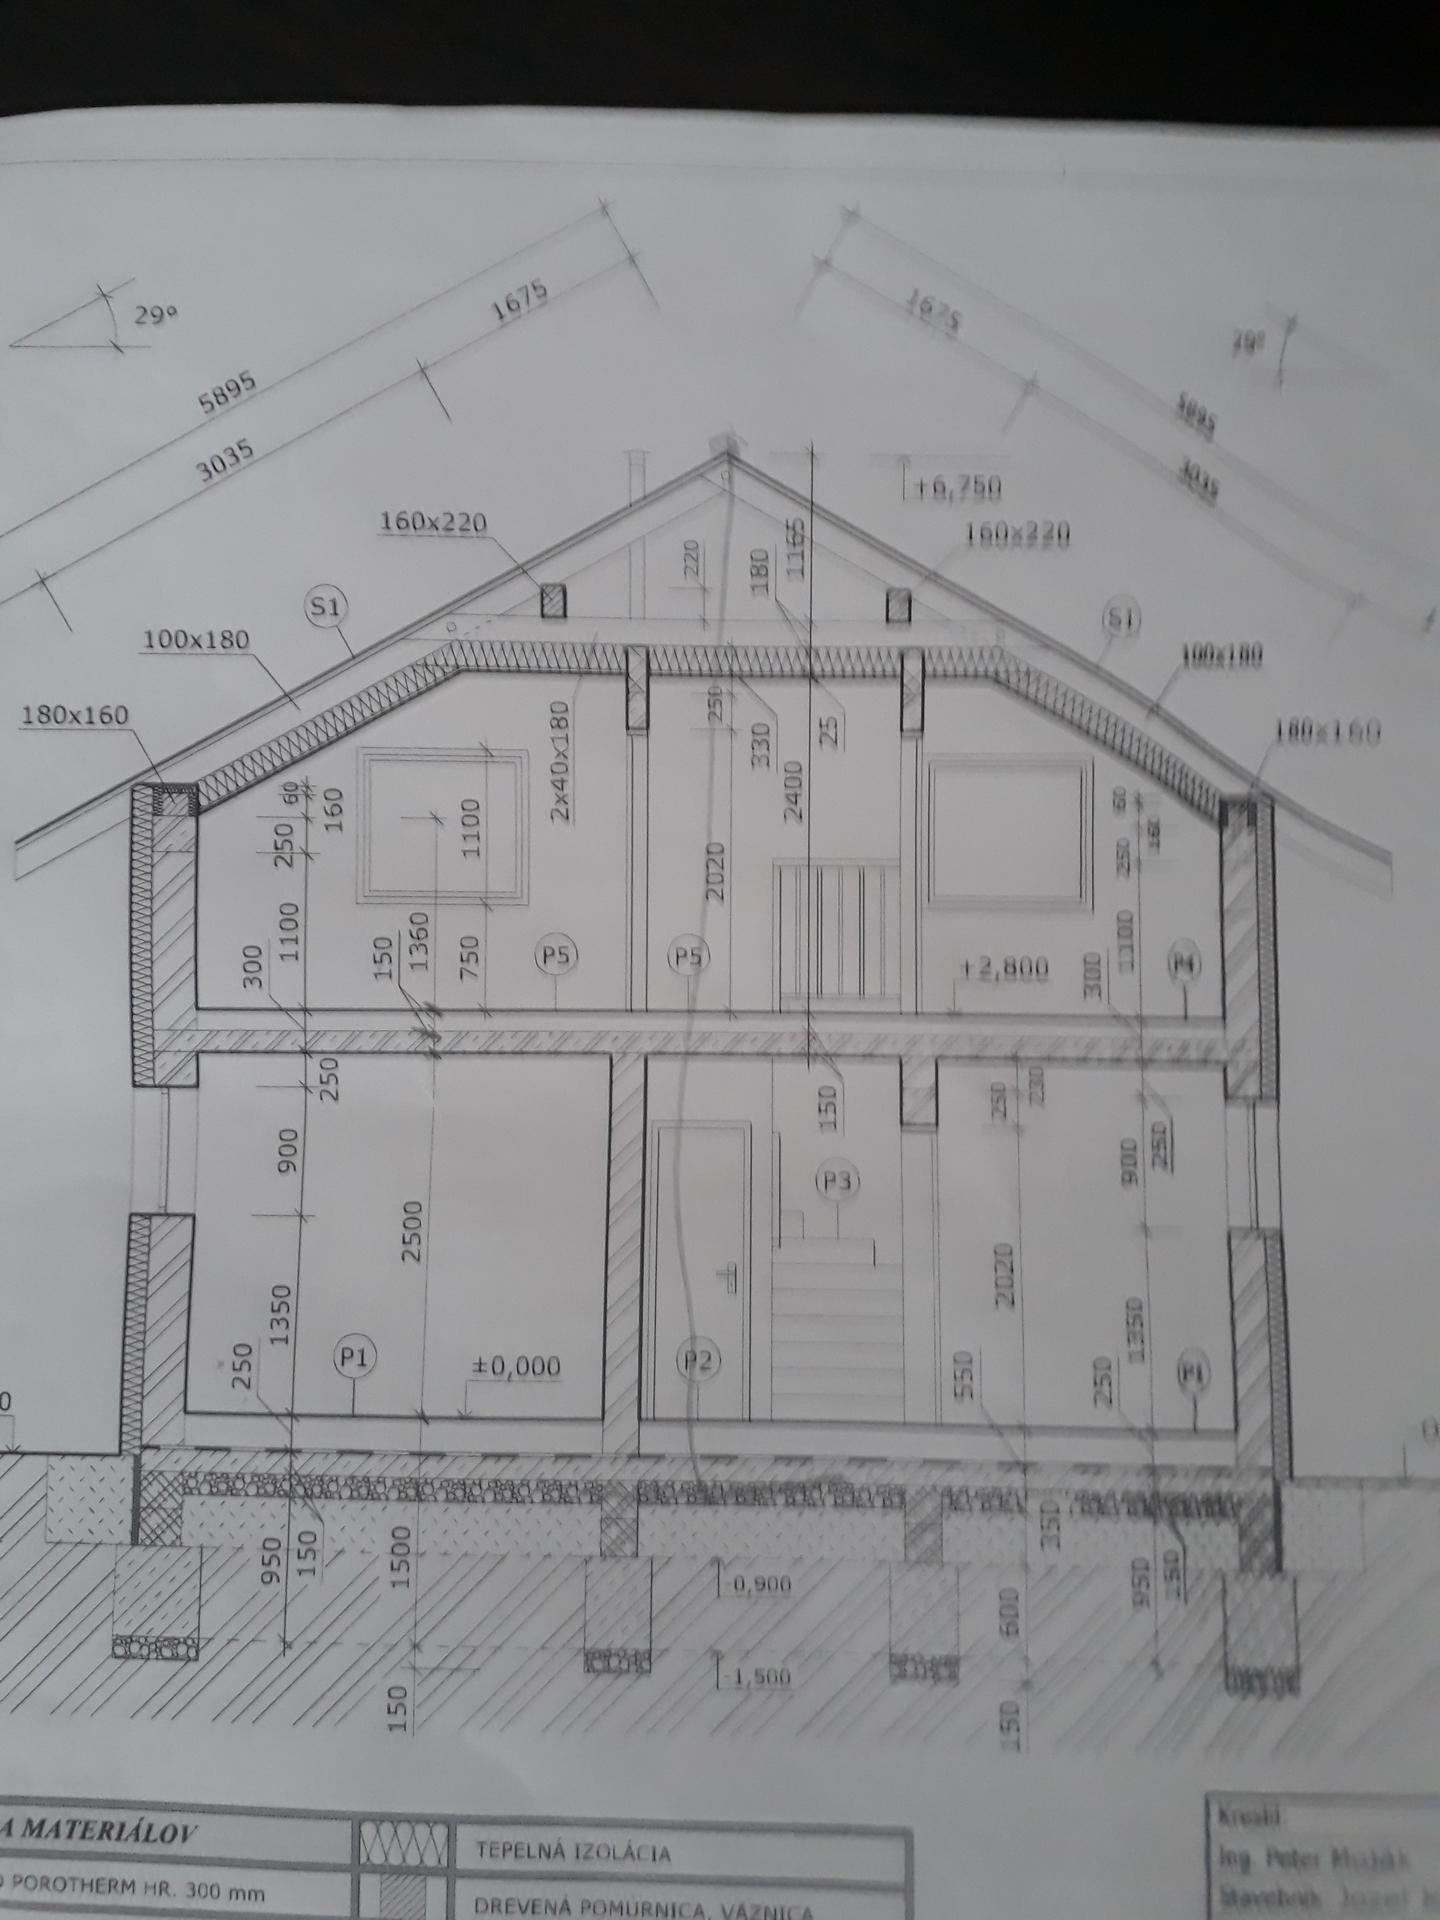 Ahojte. Takze my ideme formou kupy novostavby, zacinajucej sa stavat v aprili 2021. Projekt je dany, no vyber materialu je na nas a kazdy krok budeme konzultovat. Je to vlastne firma, ktora urobi vsetko a do akeho stadia chceme (holodom/hotovy na byvanie okrem nabytku teda). So stavbou uz zaciname zit a velmi sa tesime. Domcek bude na Kysuciach 🙂 Jana - Obrázok č. 1